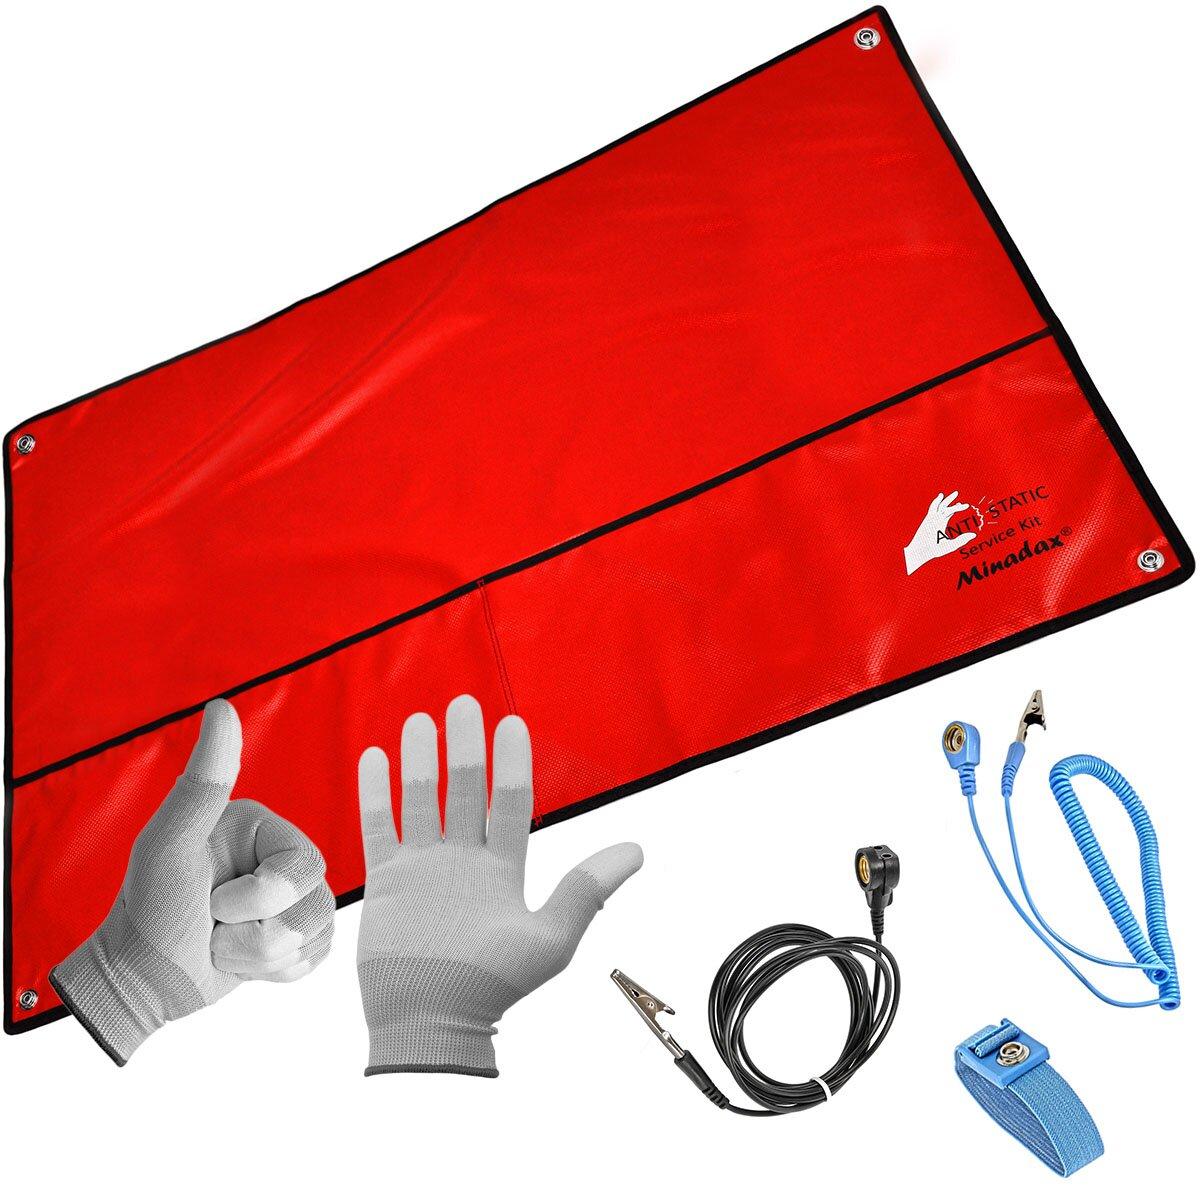 Minadax® XXL 60 x 80cm Antistatikmatte in Rot, 4 Anschlüsse, ESD Armband und Erdungskabel + ESD Handschuhe - z.B. für Arbeiten am PC-Tower